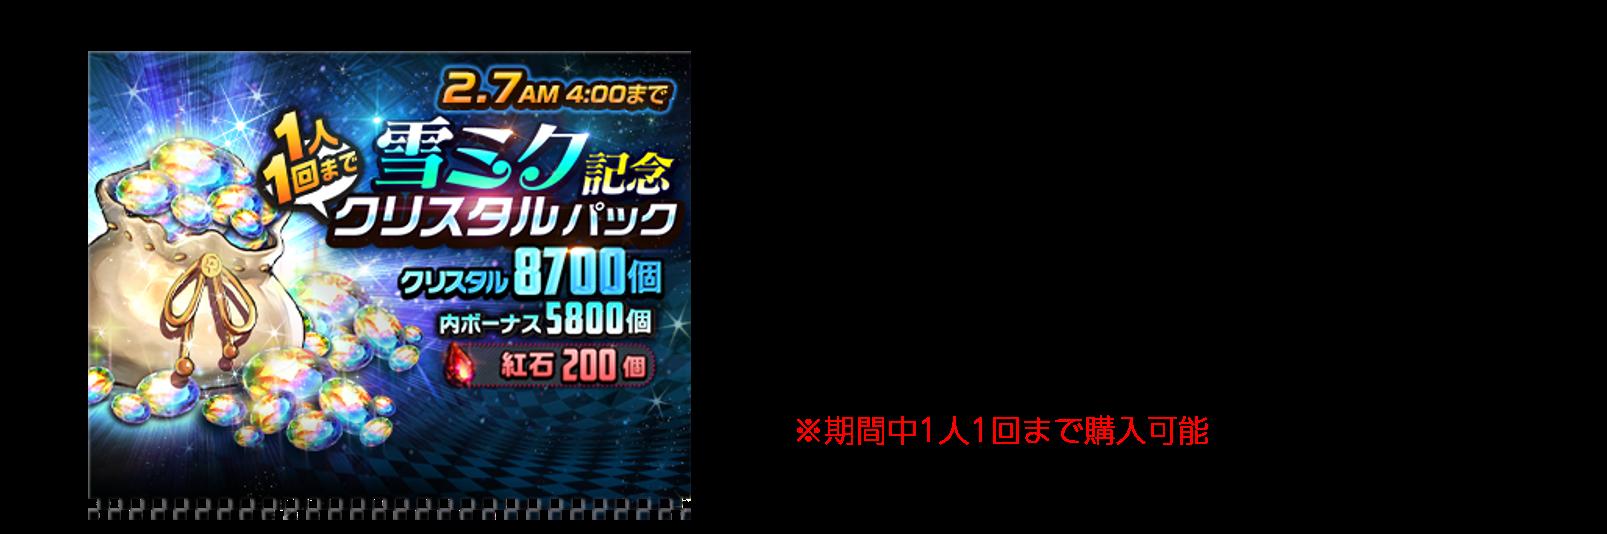 ショップ_ブログ0131クリスタル